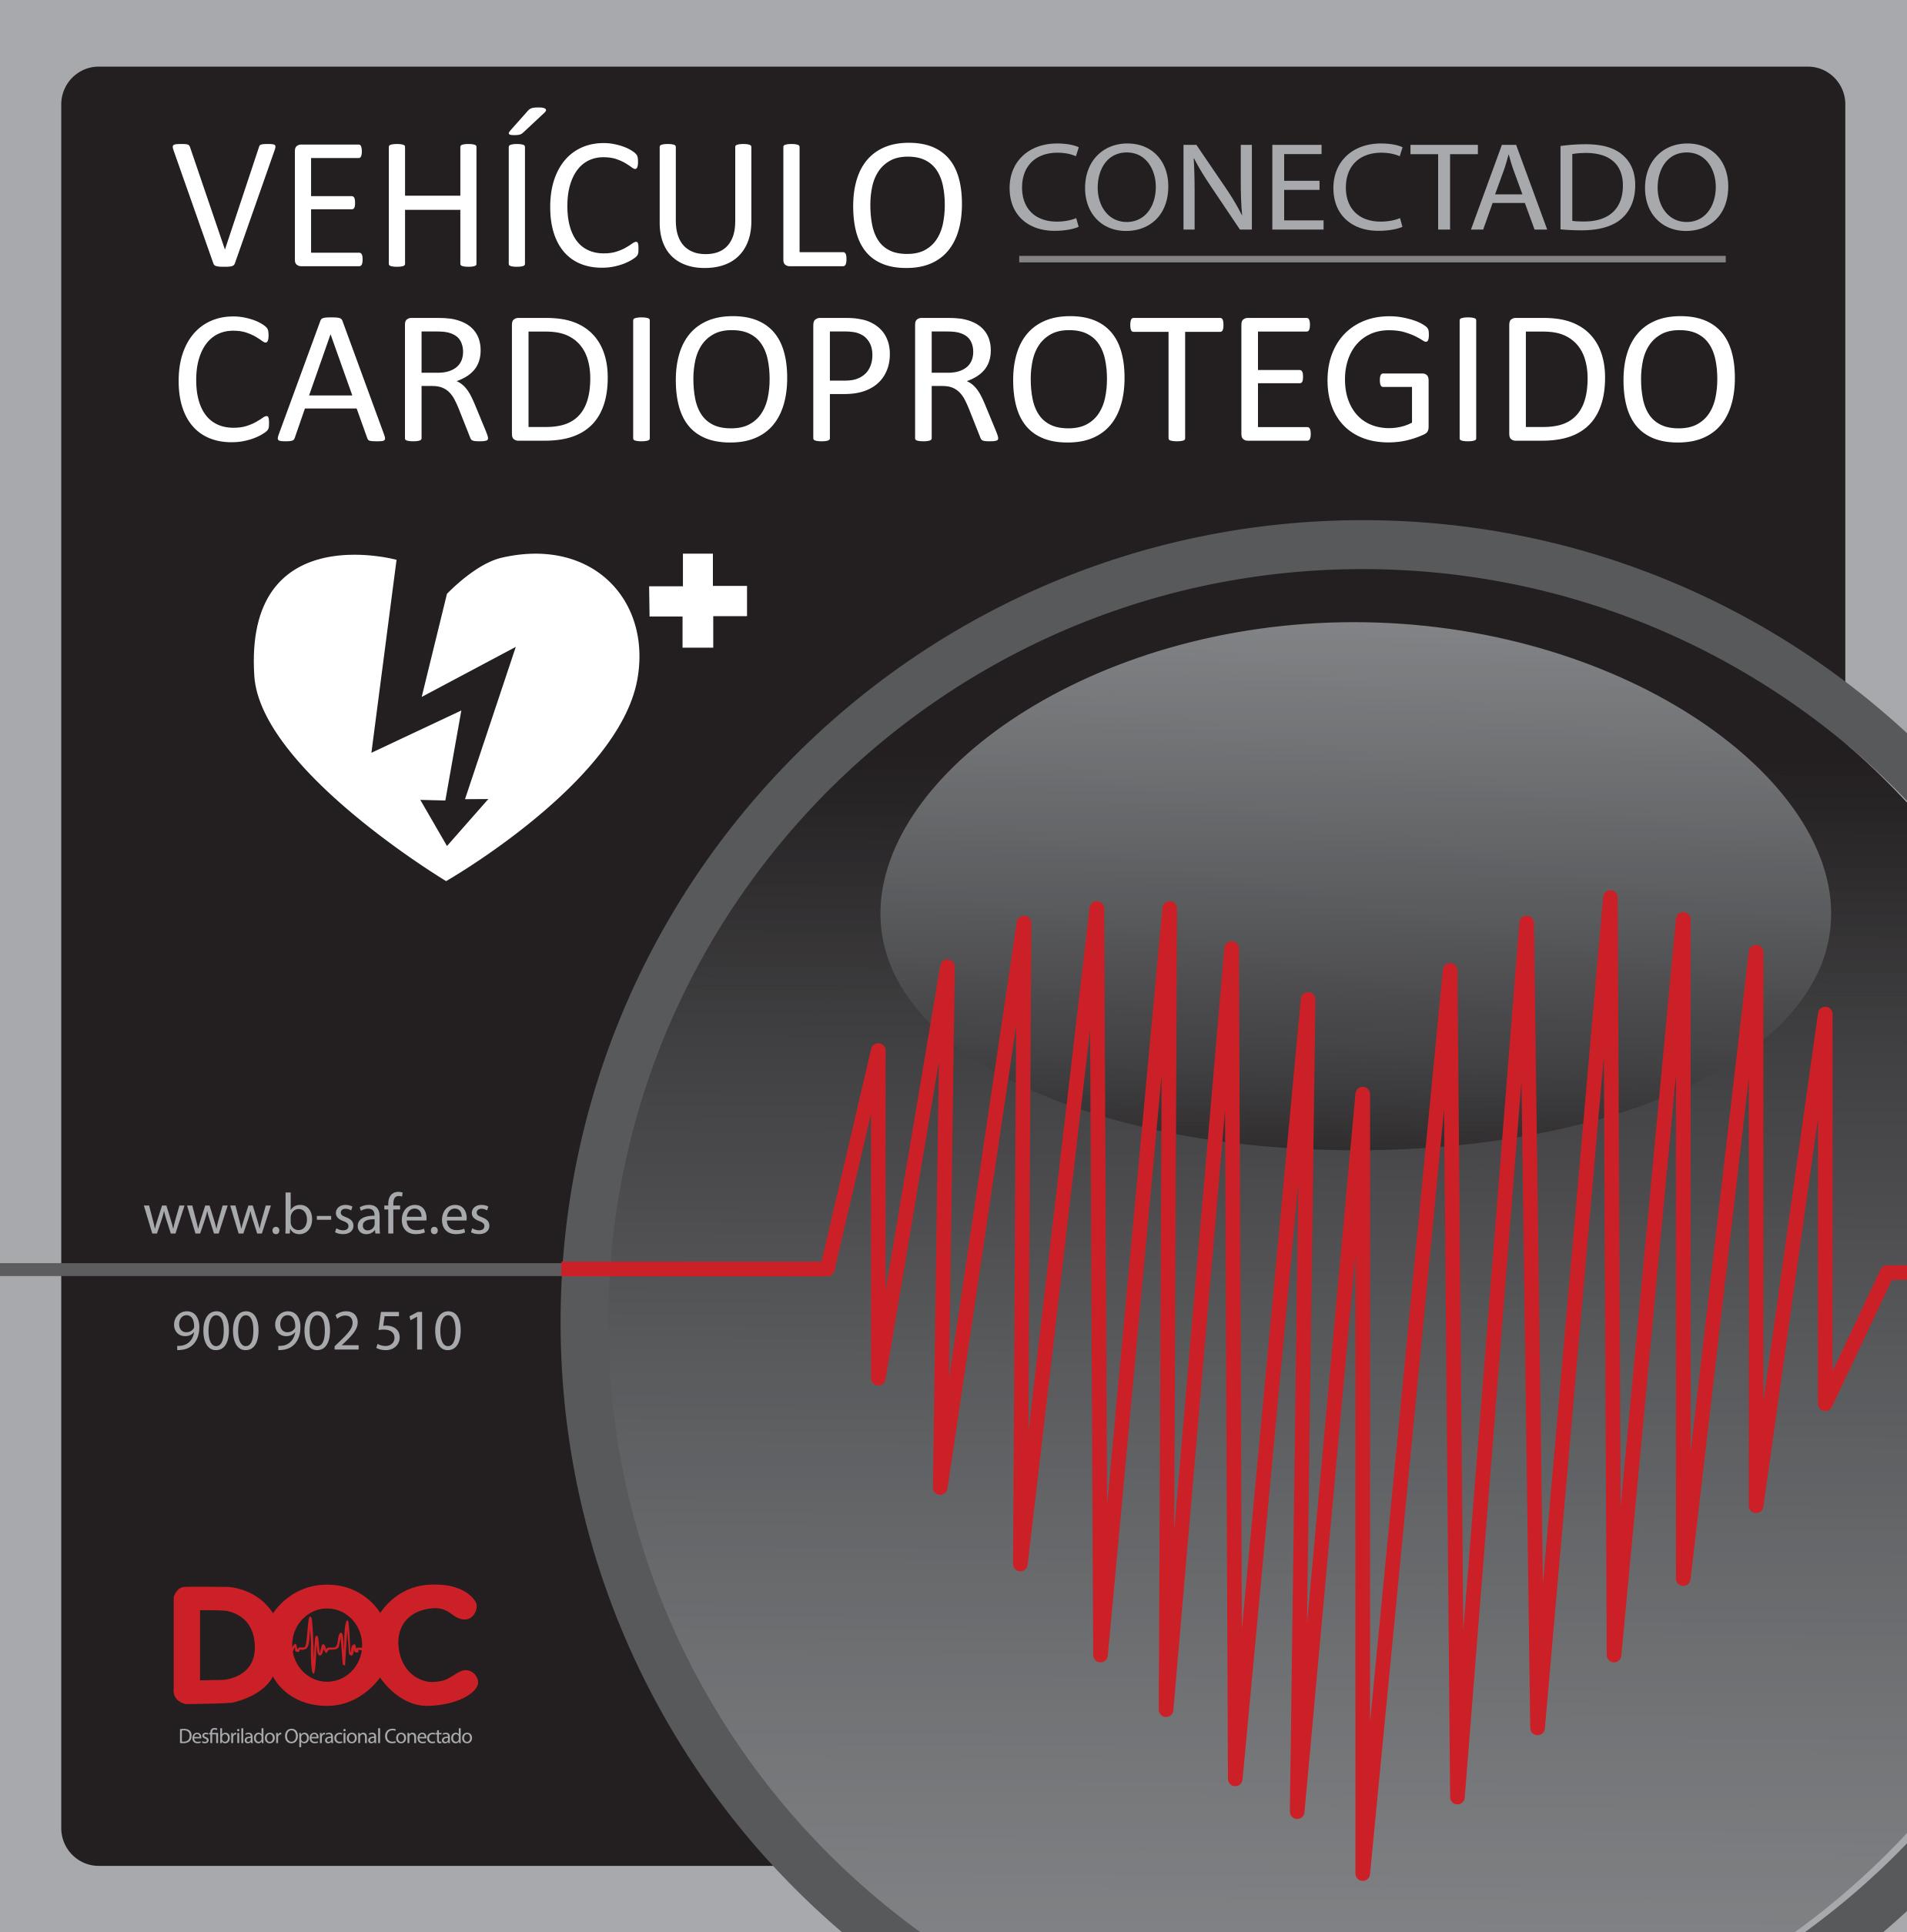 Autobuses Cardioprotegidos0 (0)